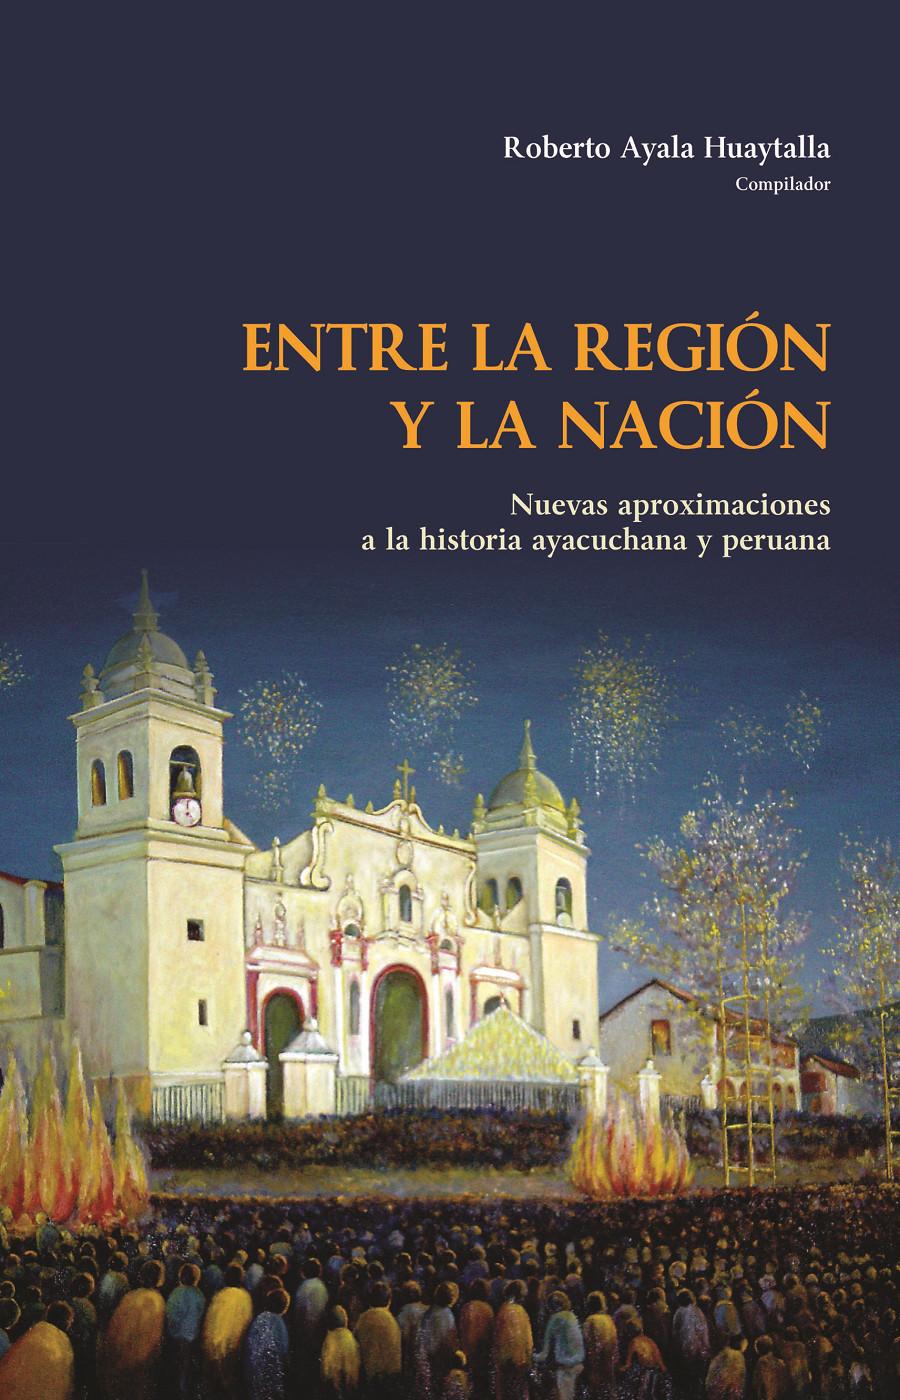 Entre la región y la nación